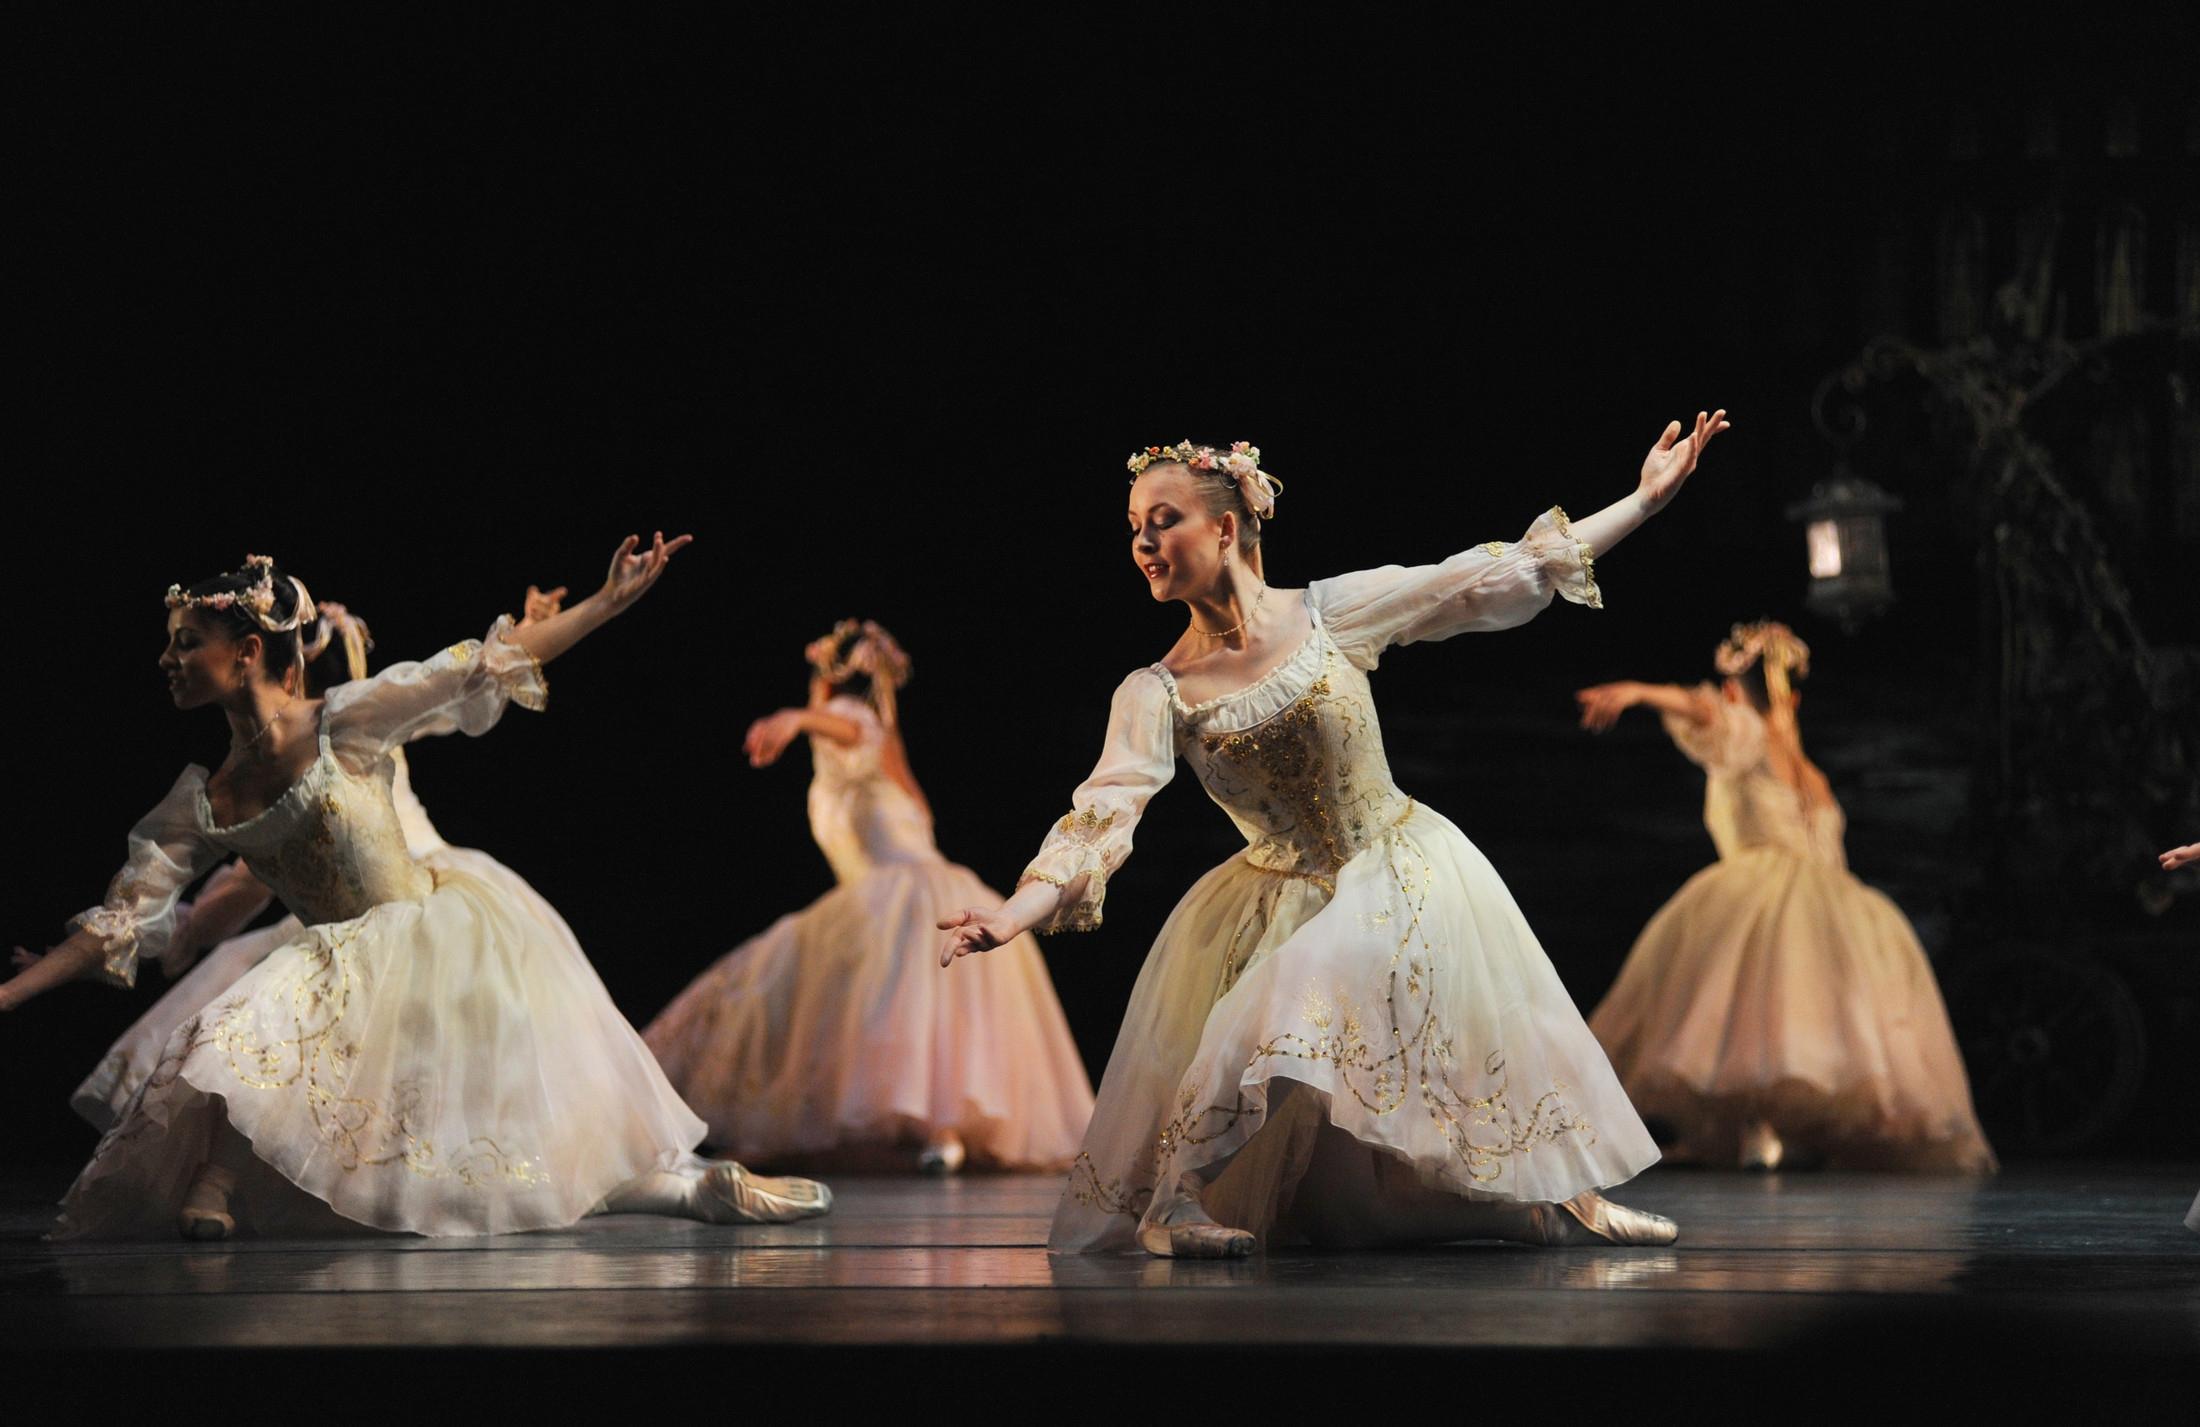 Coppélia  Jade Heusen and Maureya Lebowitz in 'Dance of the Hours'  photo Roy Smiljanic